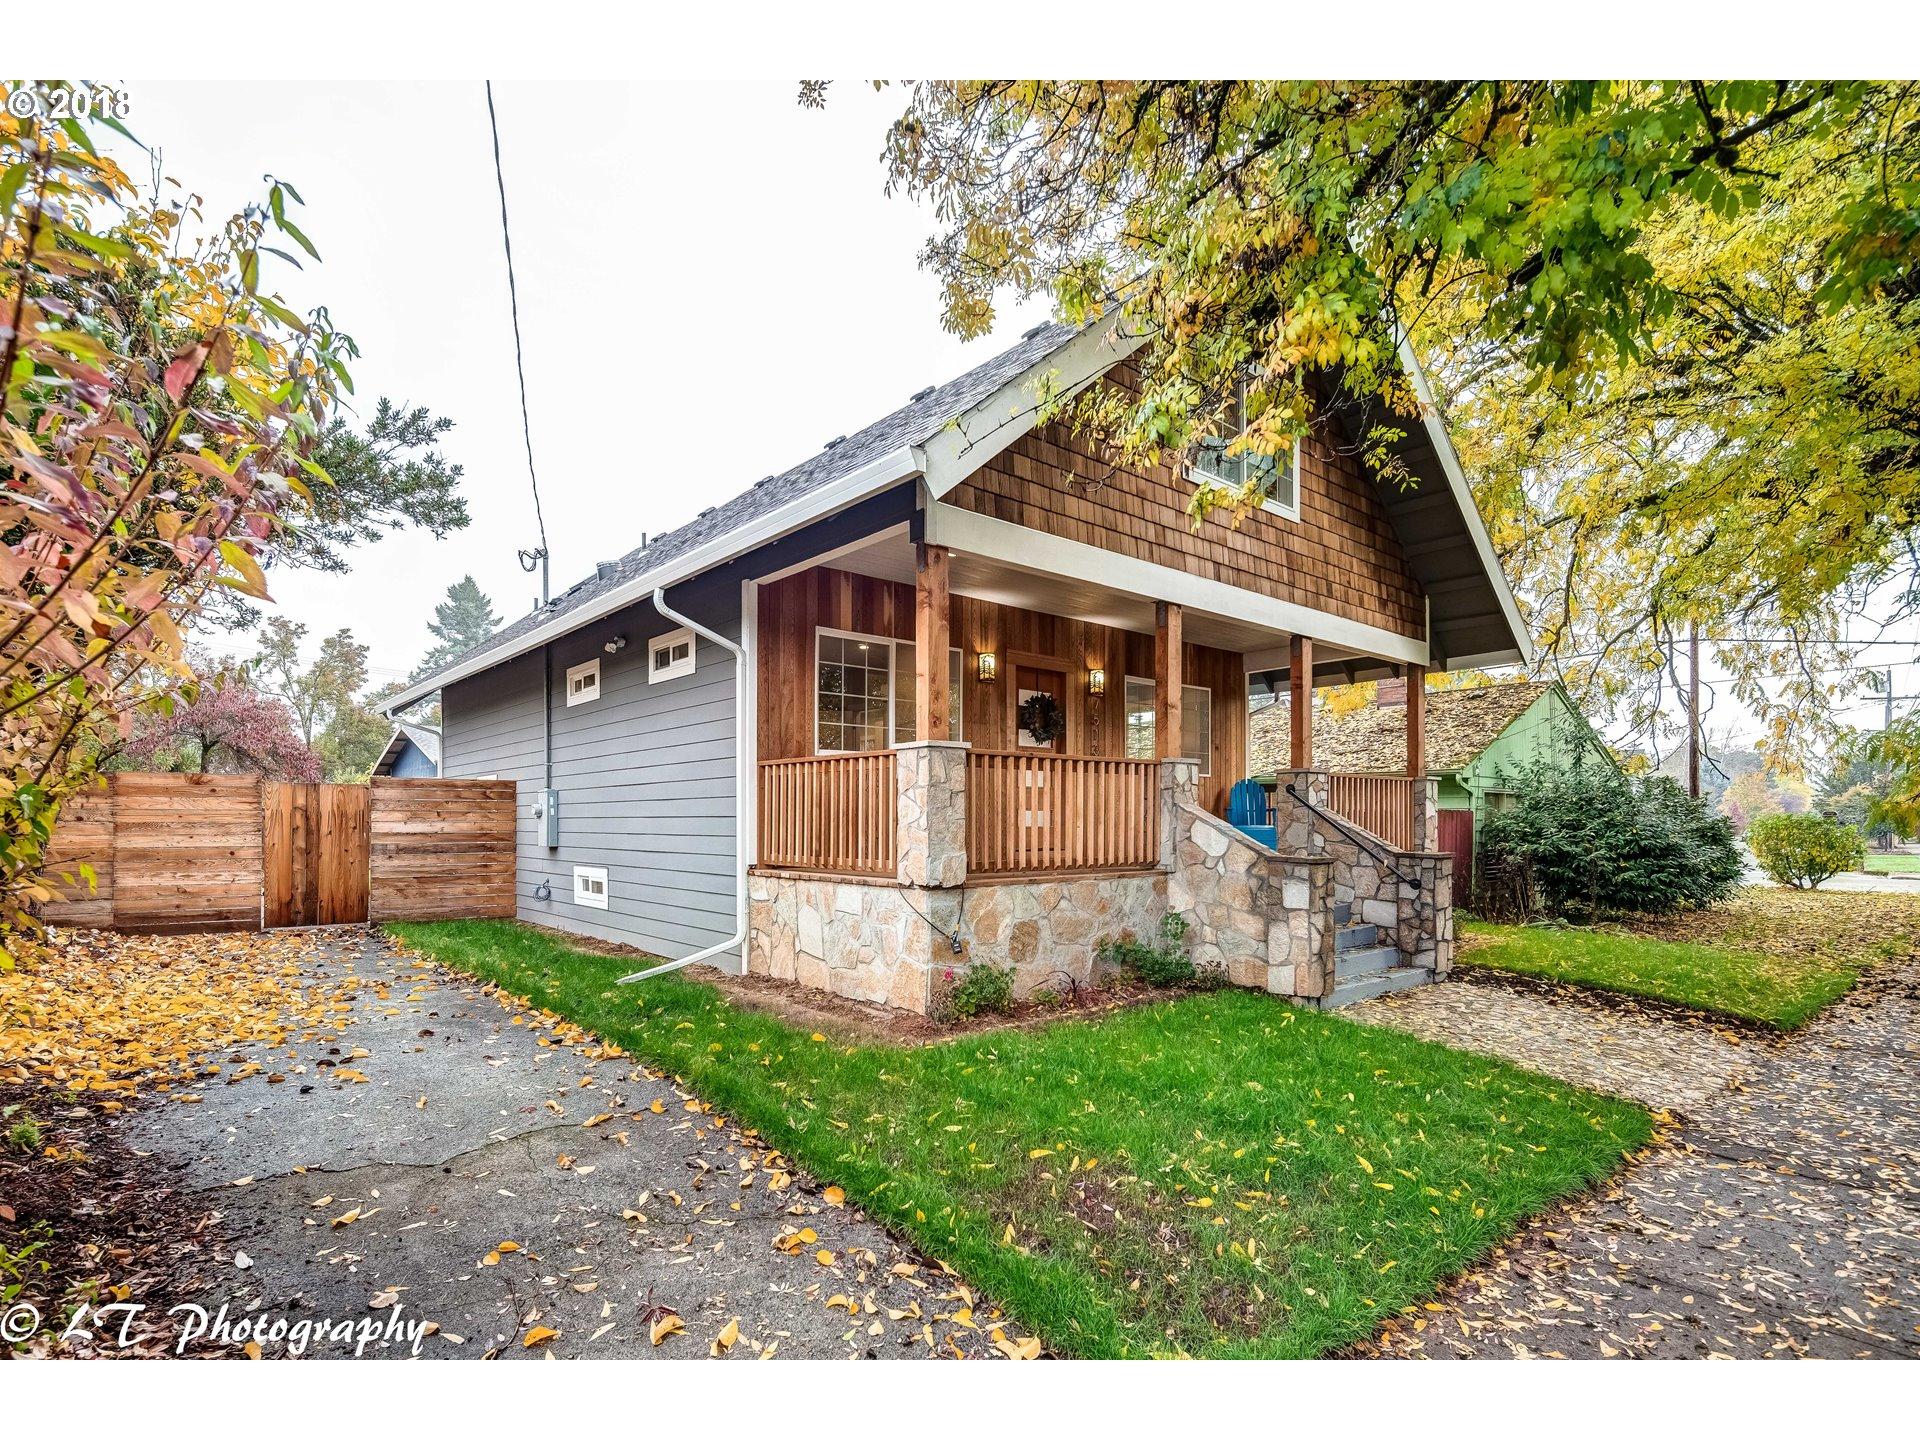 7513 N IVANHOE ST Portland, OR 97203 - MLS #: 18615637